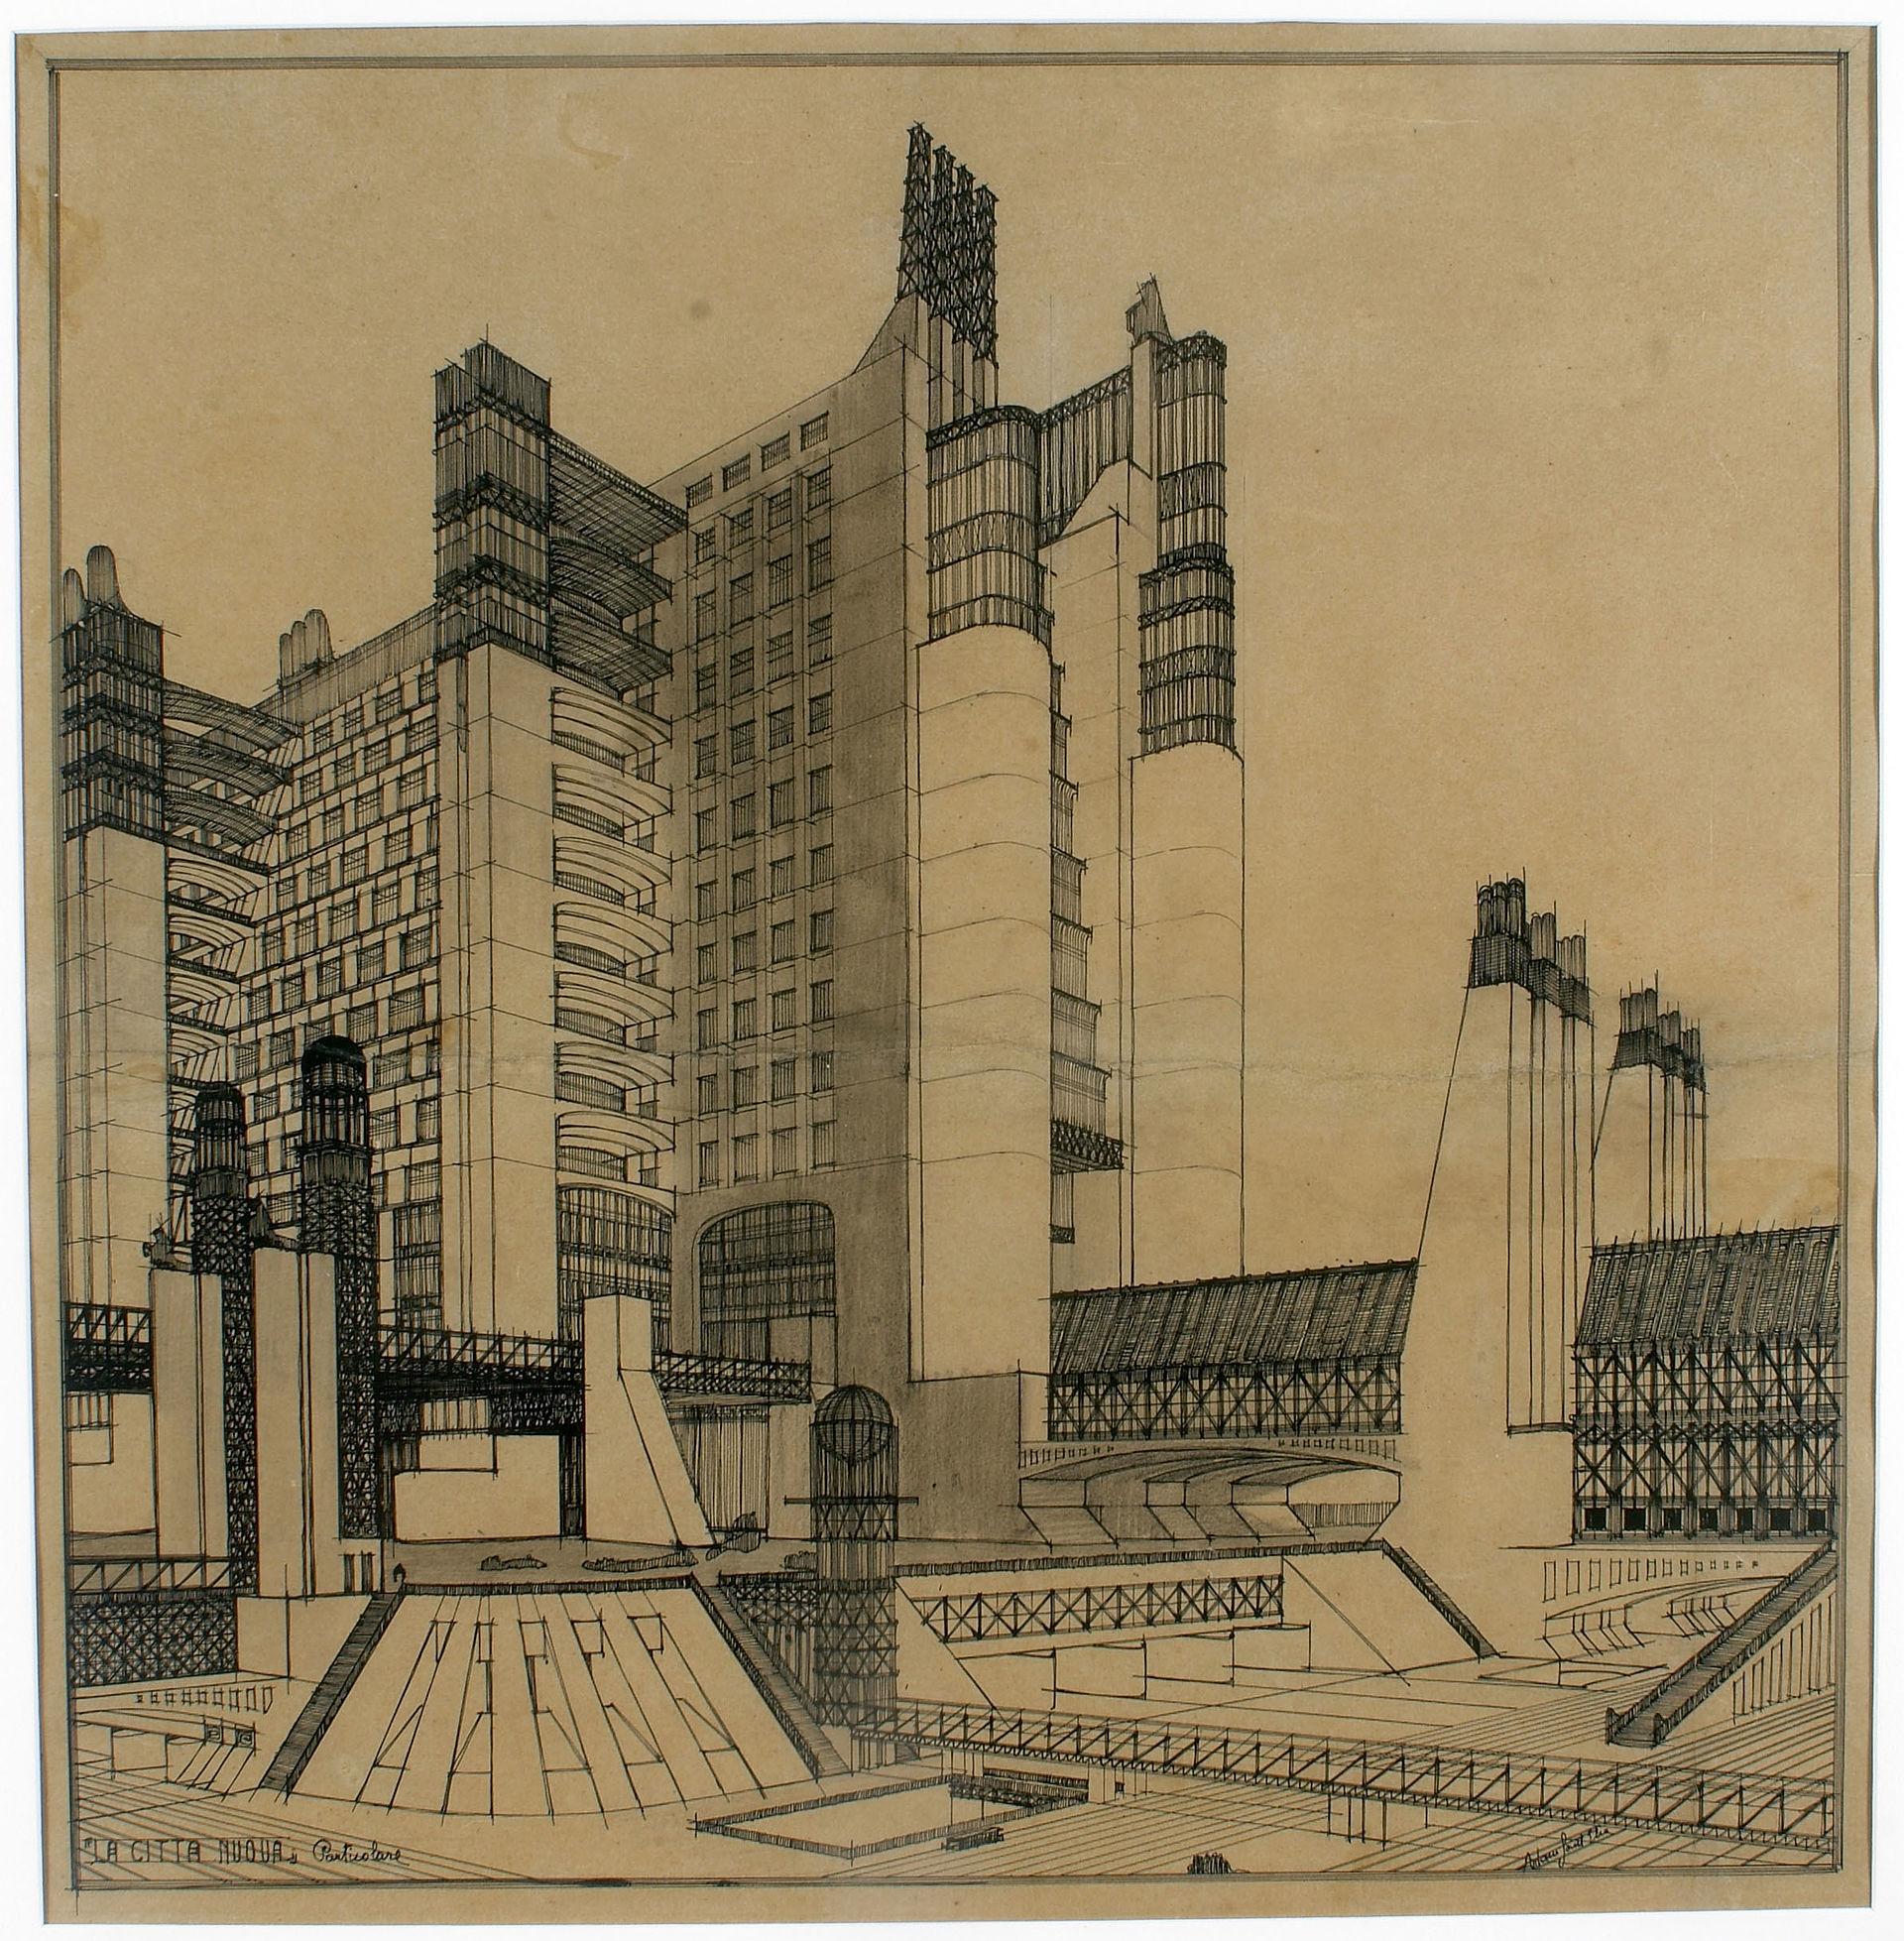 Architettura italiana del novecento wikipedia for Architettura italiana